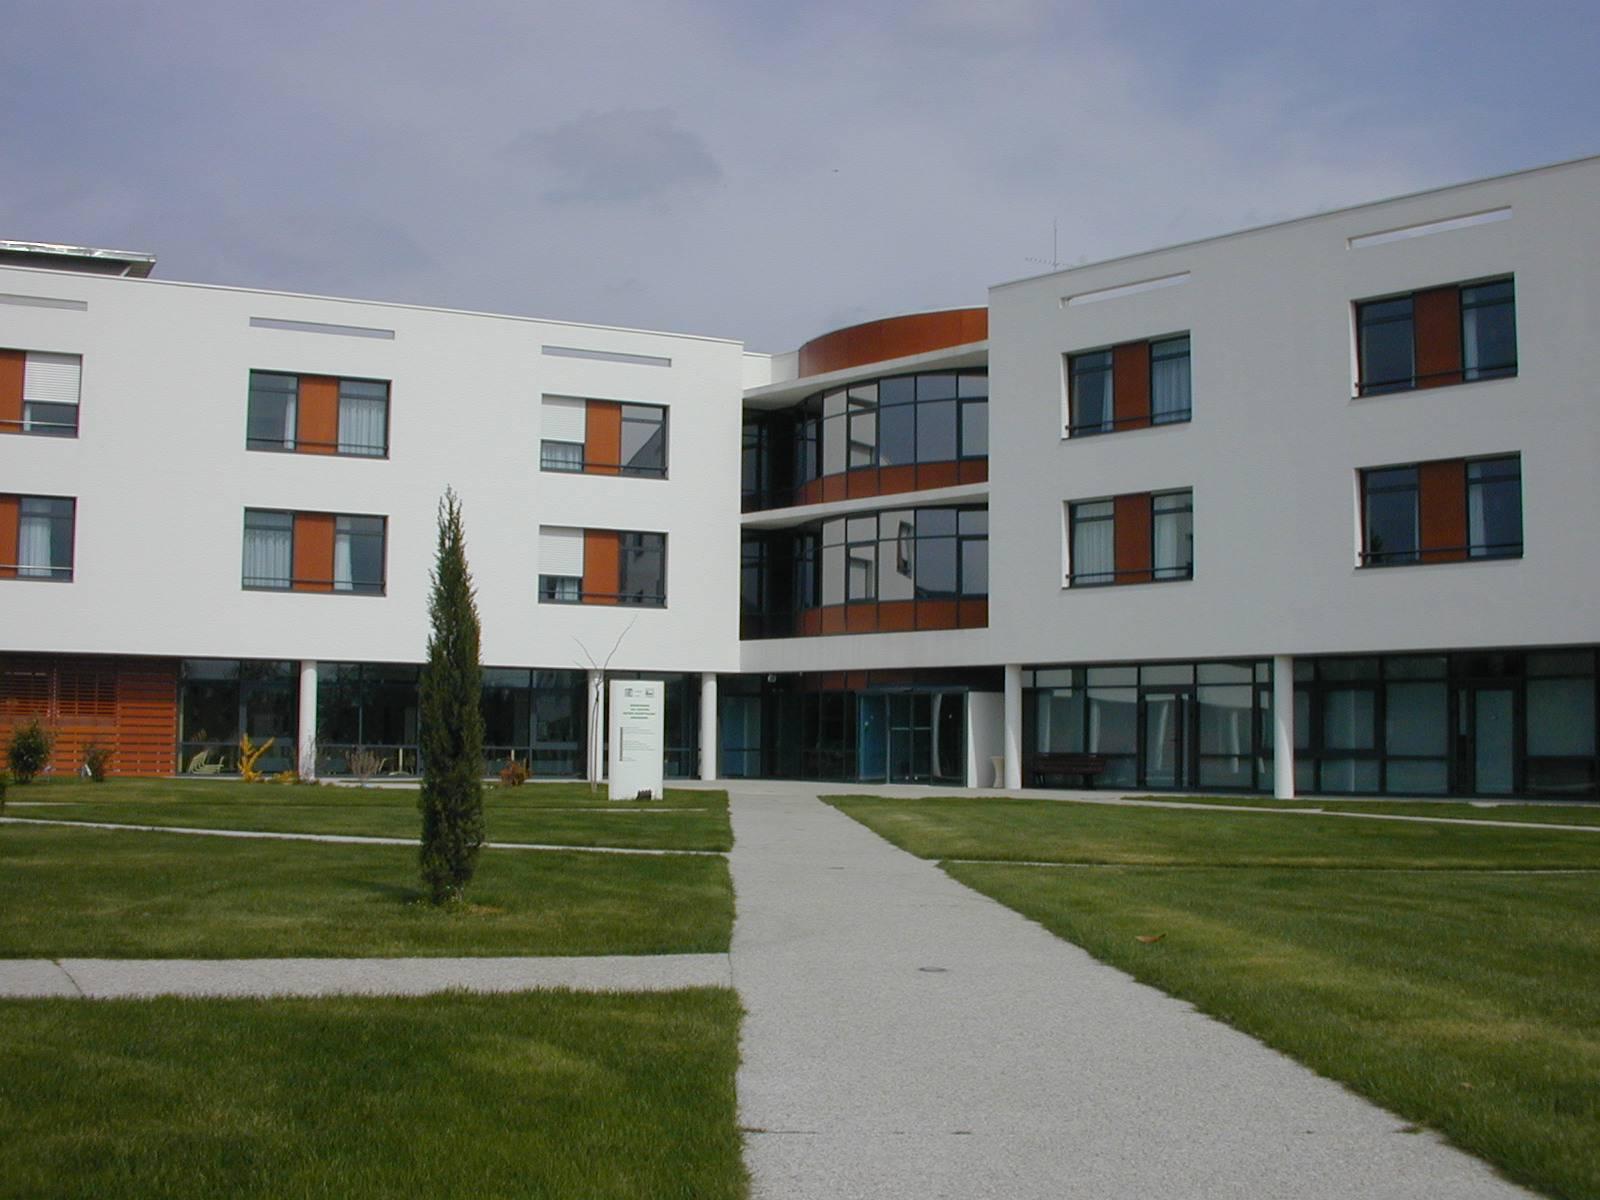 Maison de soins de suite et soins palliatifs LES RECOLLETS (Doué la Fontaine)